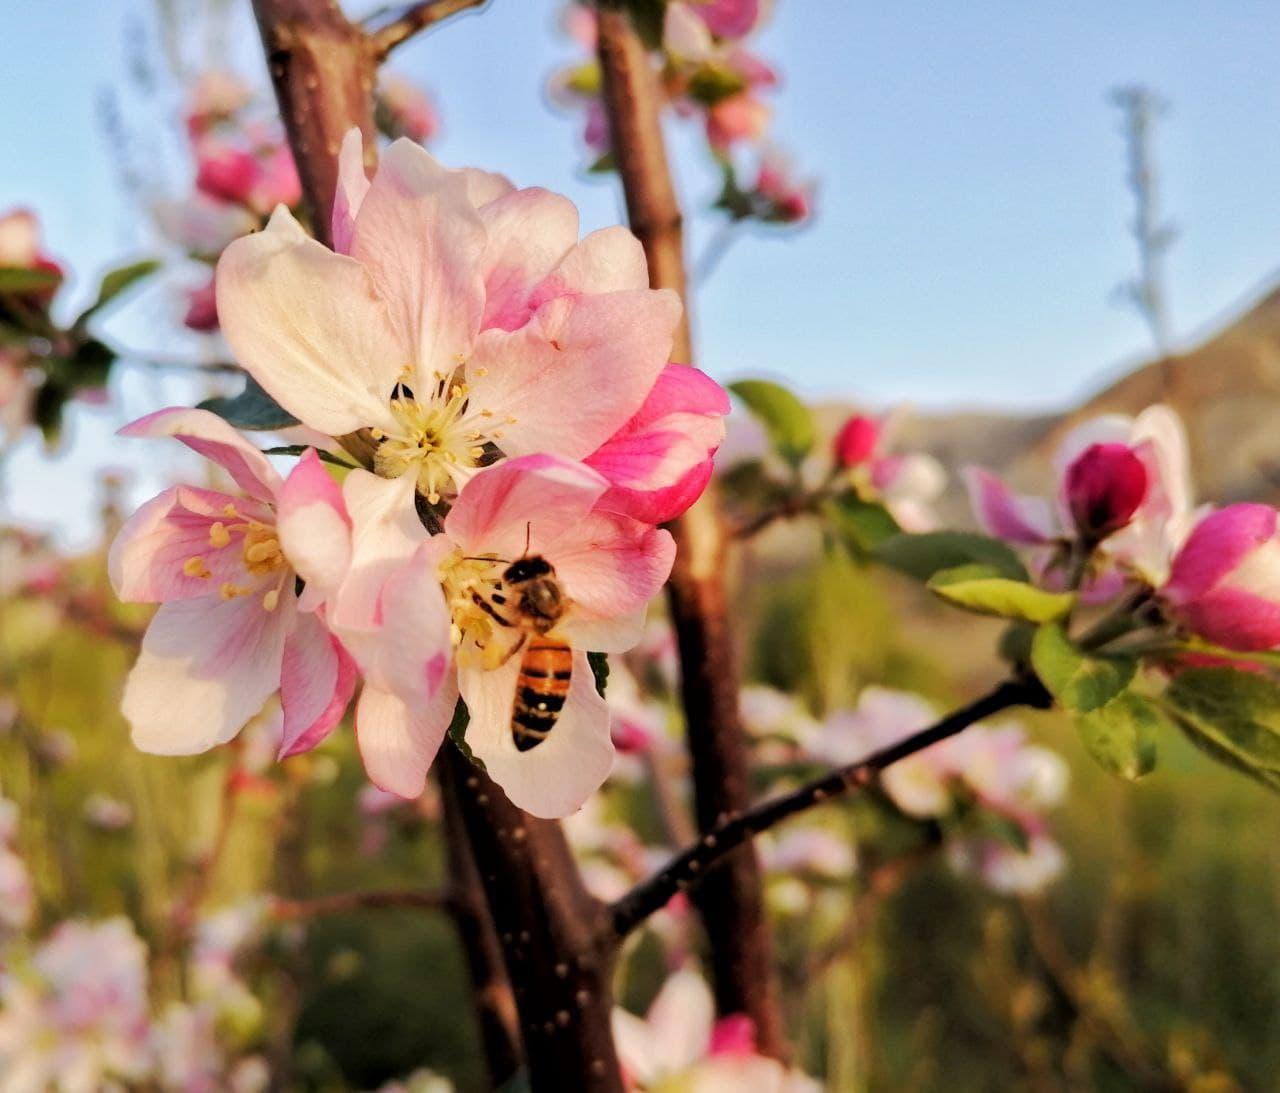 نمایان شدن عظمت آفرینش در زیبایی شکوفه های بهاری |2837313